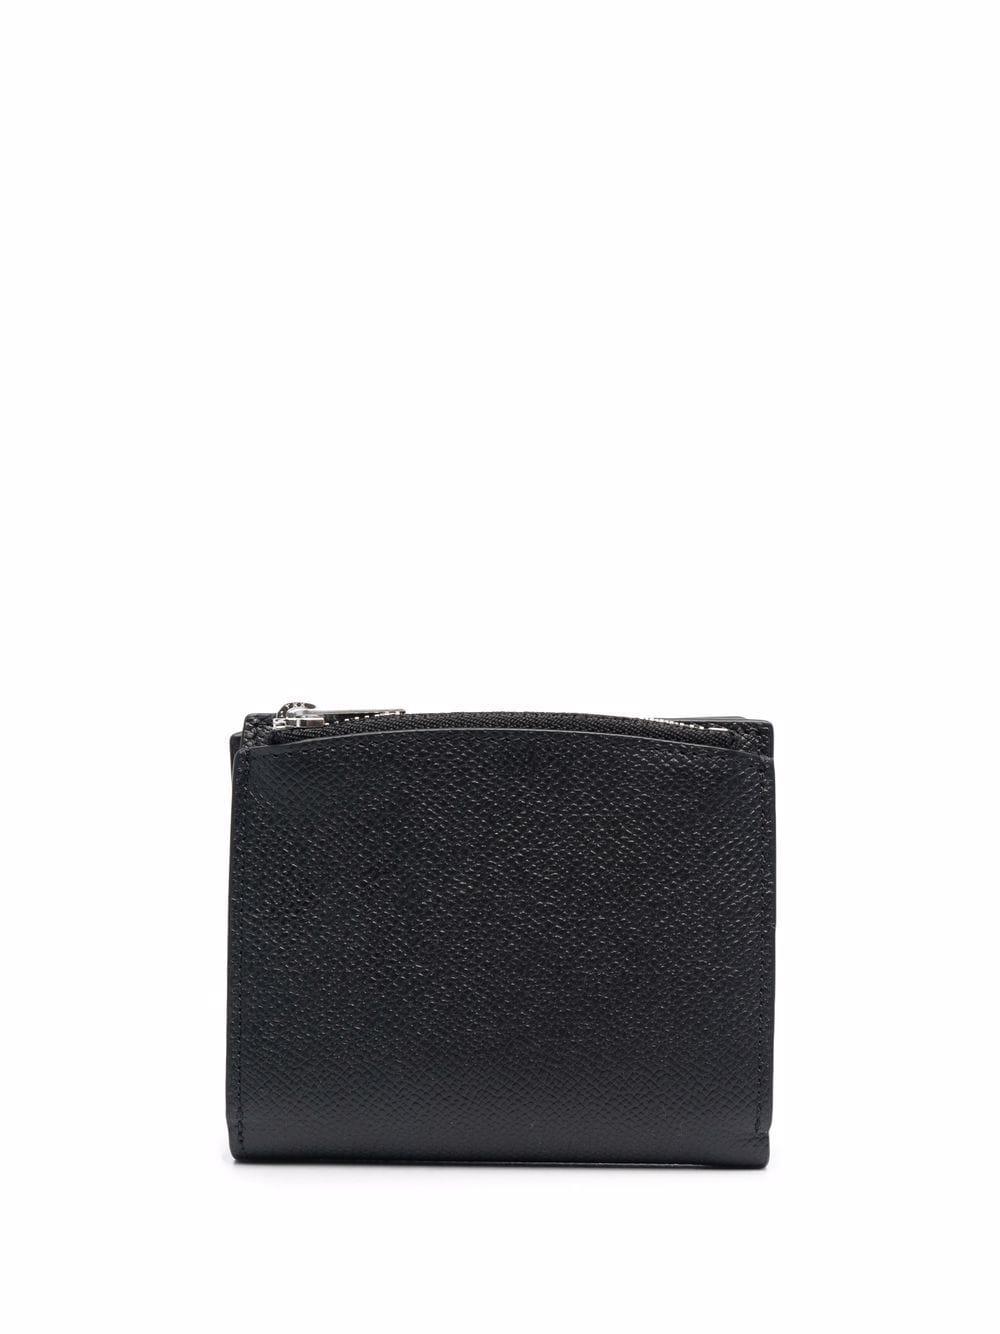 leather wallet man black MAISON MARGIELA   Wallets   S35UI0516 P0399T8013